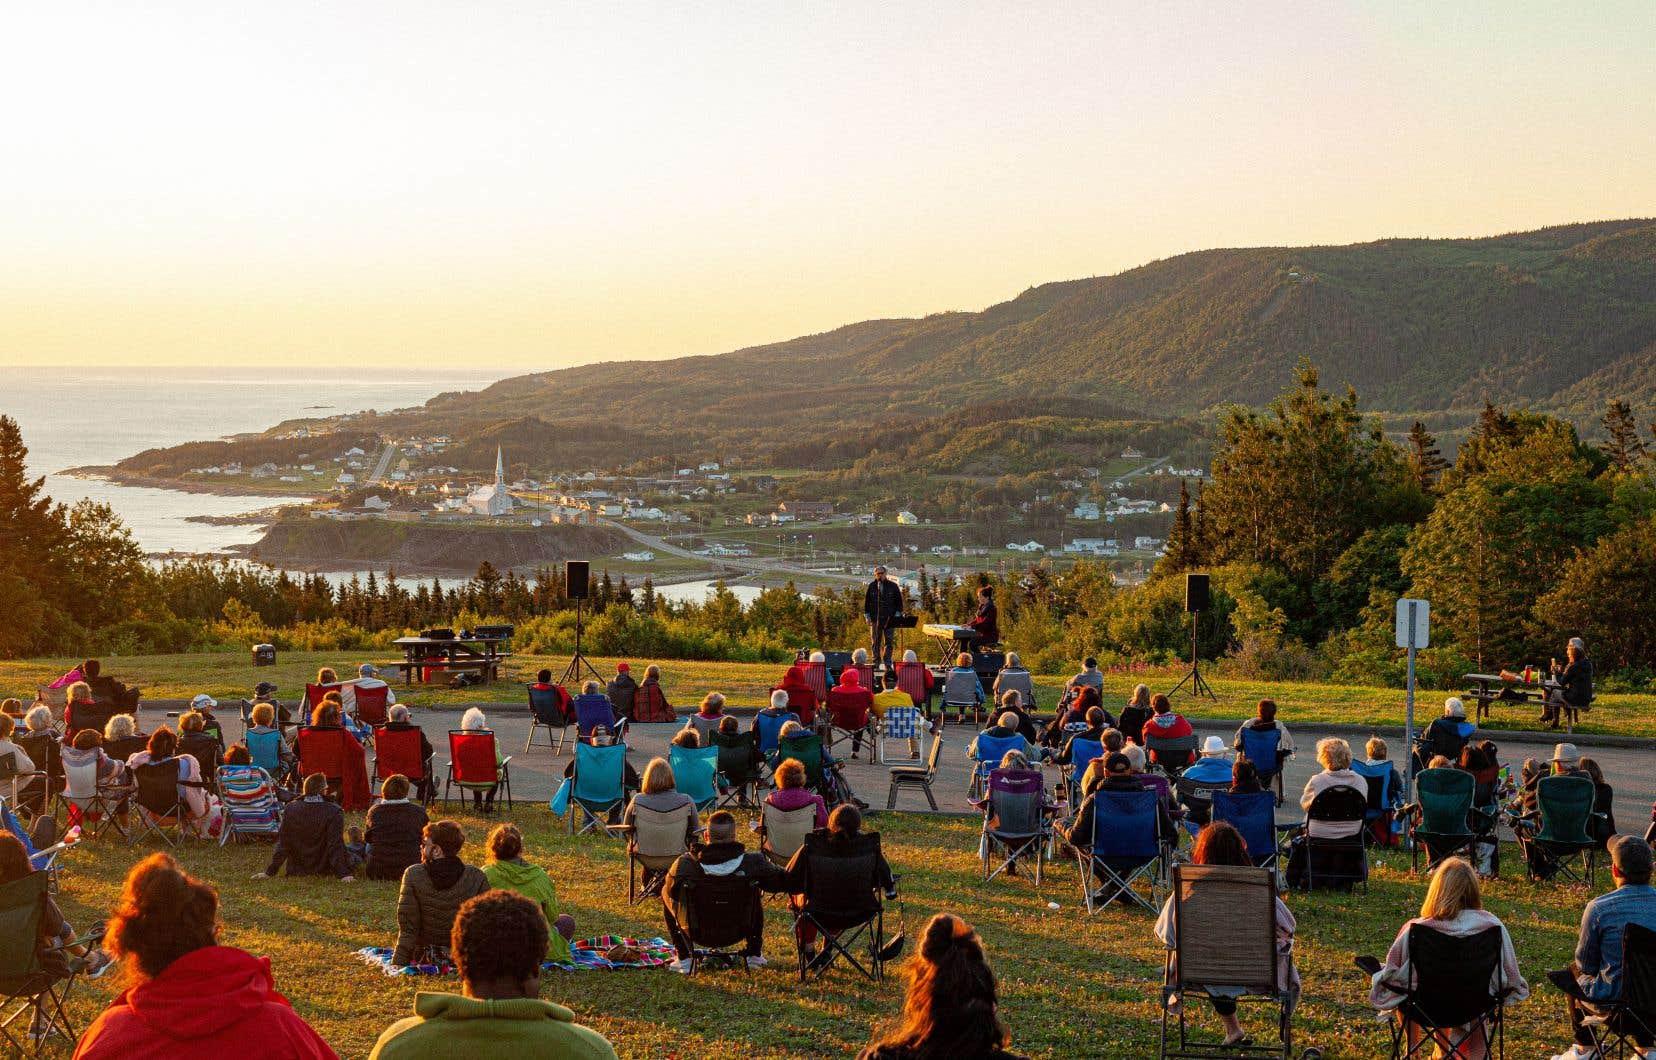 Les festivals hors des grands centres comptent tous miser sur la beauté des décors naturels pour présenter des spectacles en 2021, comme ici le Festival en chanson de Petite-Vallée 2020, qui appliquait les règles sanitaires.